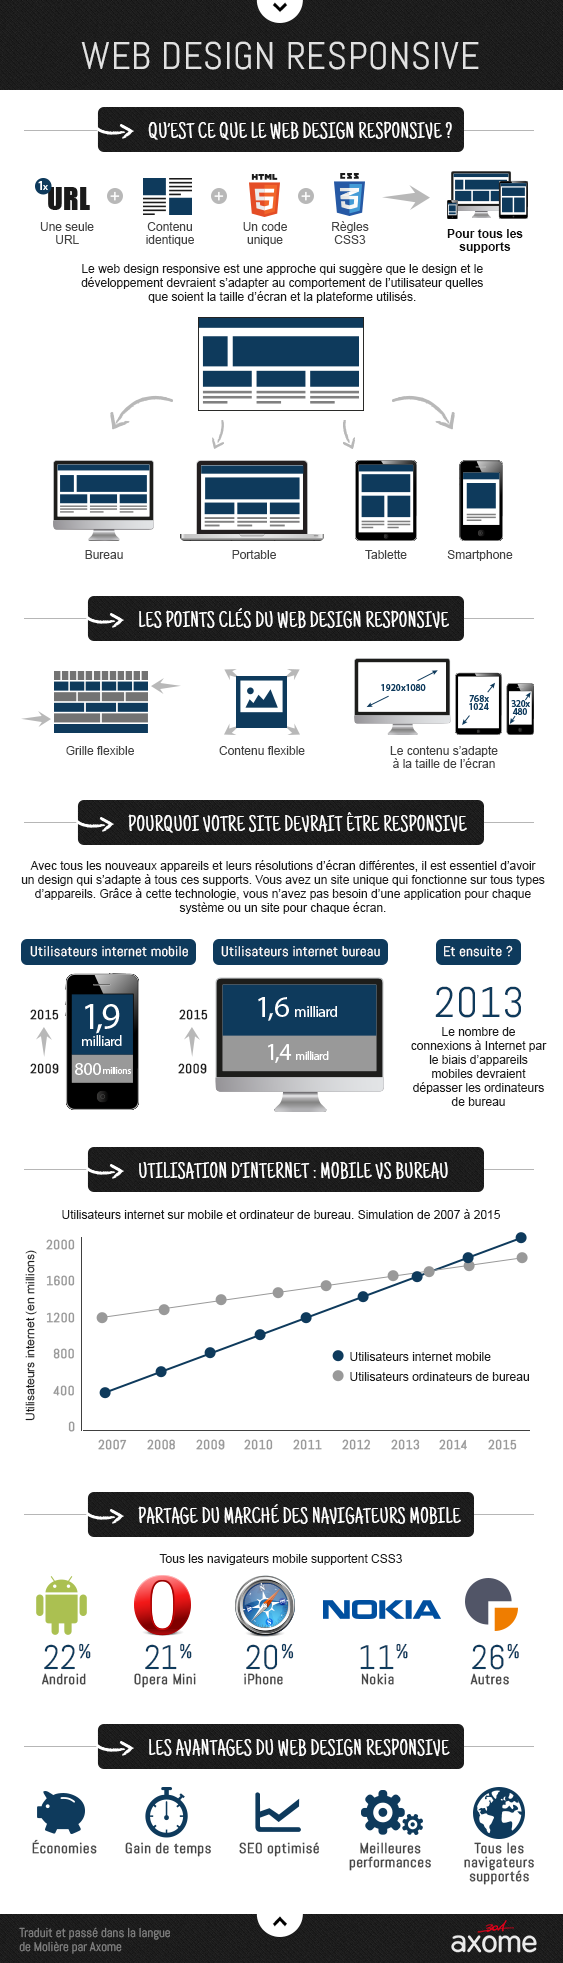 infographie_responsive_design_par_axome